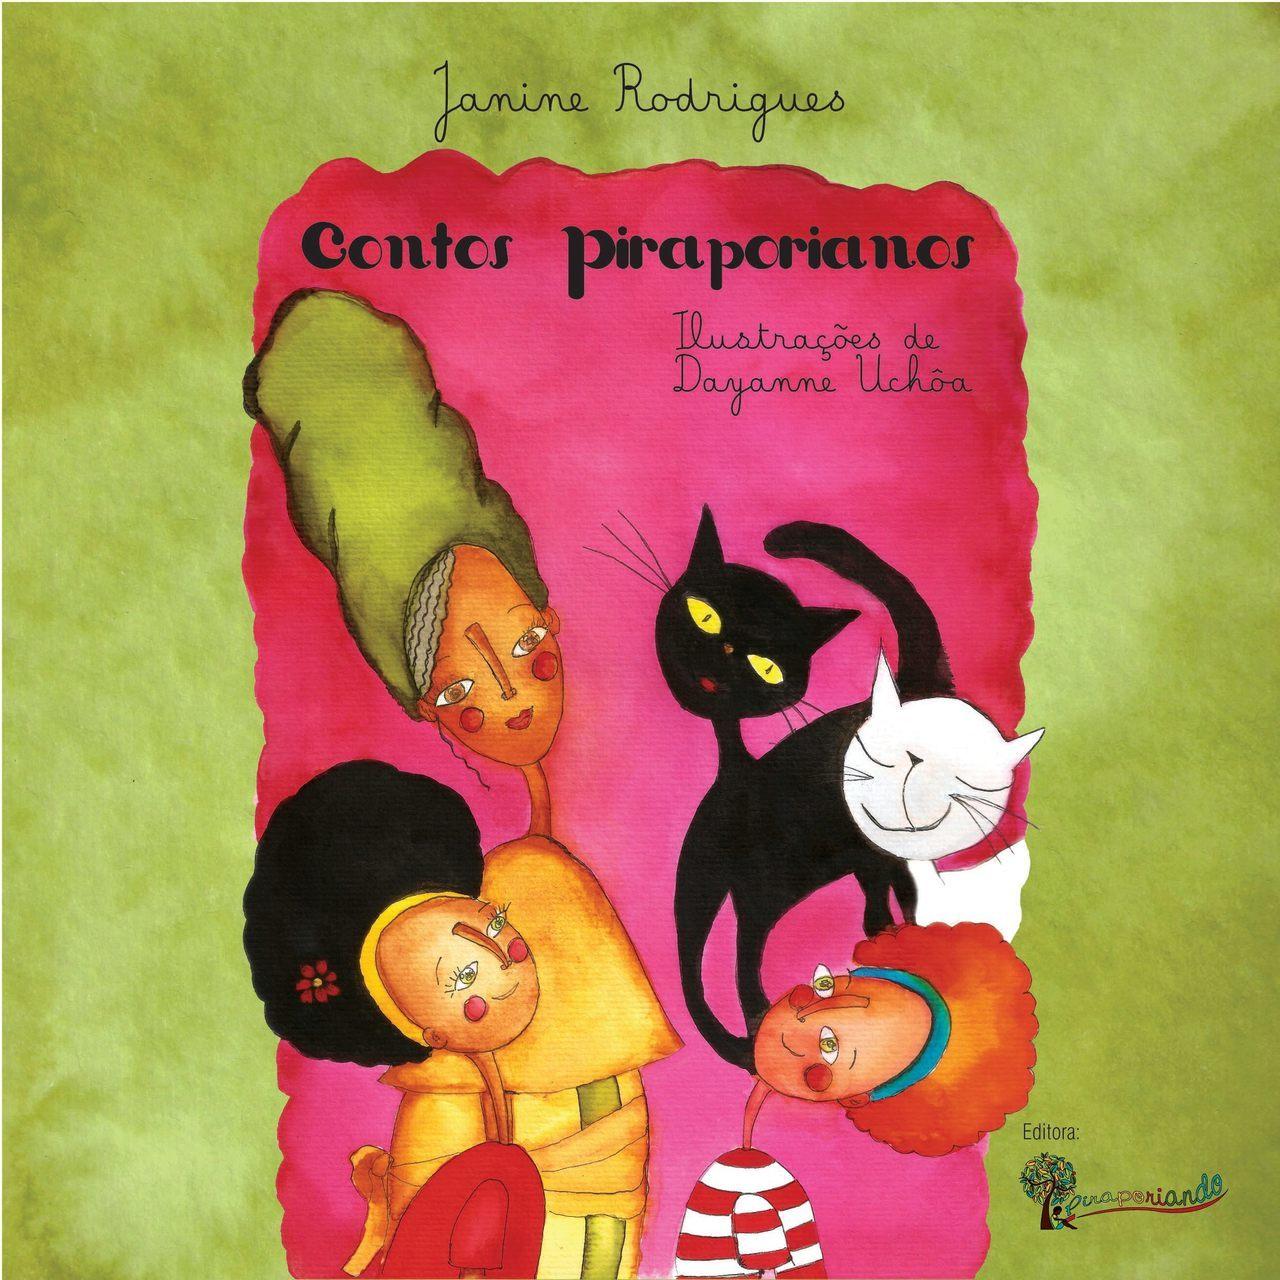 Contos Piraporianos - Obra Literária